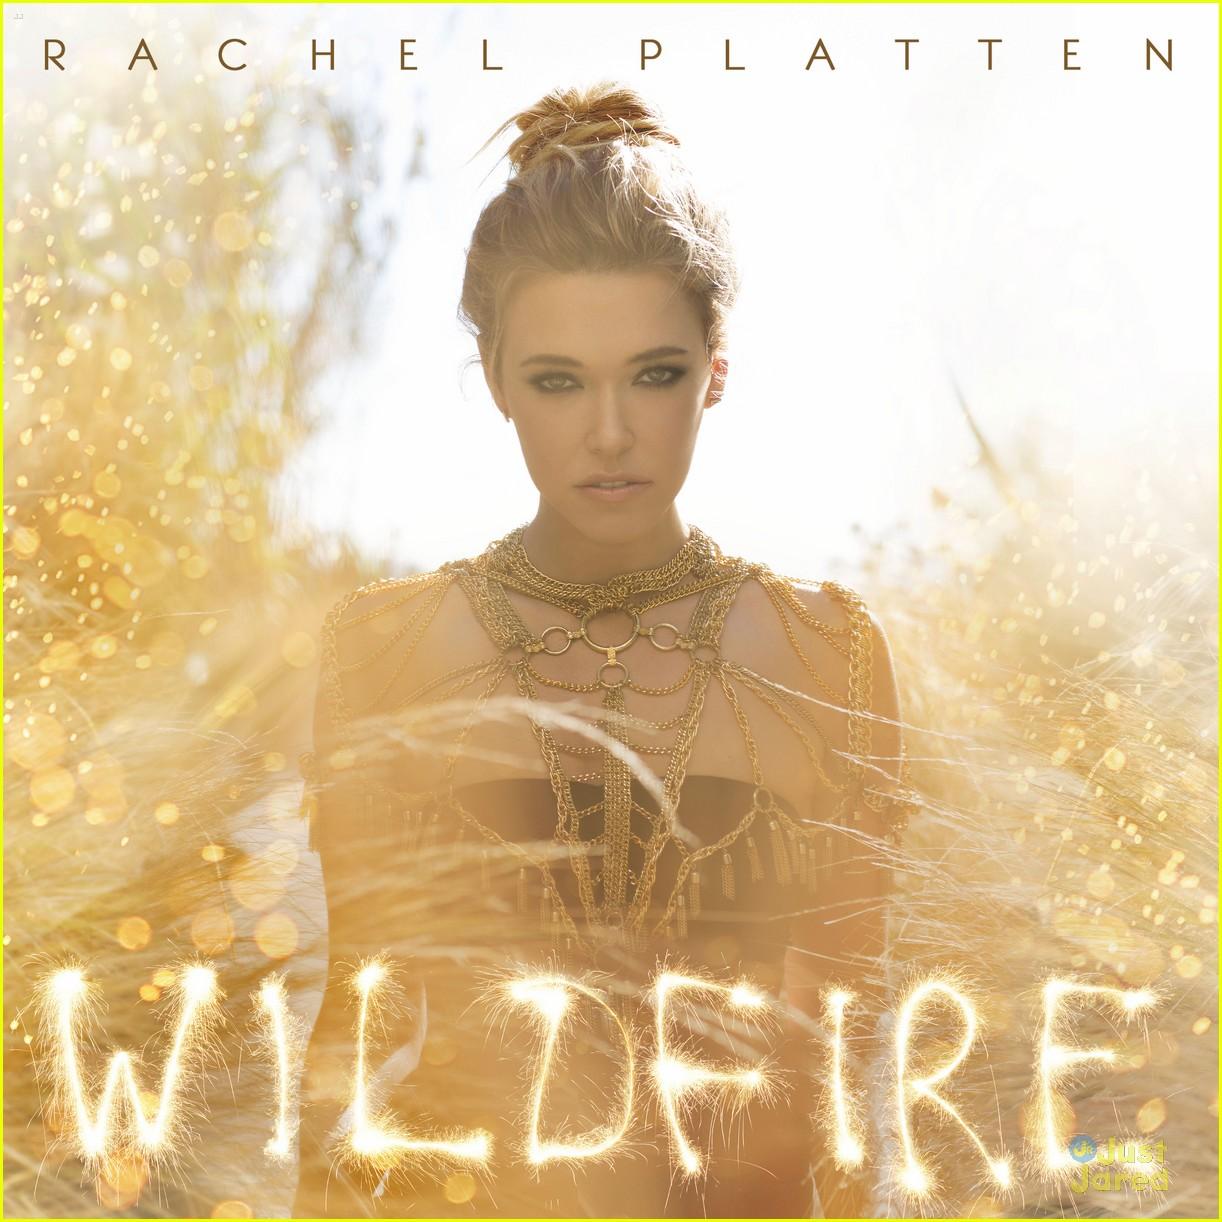 rachel platten ellen show caly wildfire track listing 01